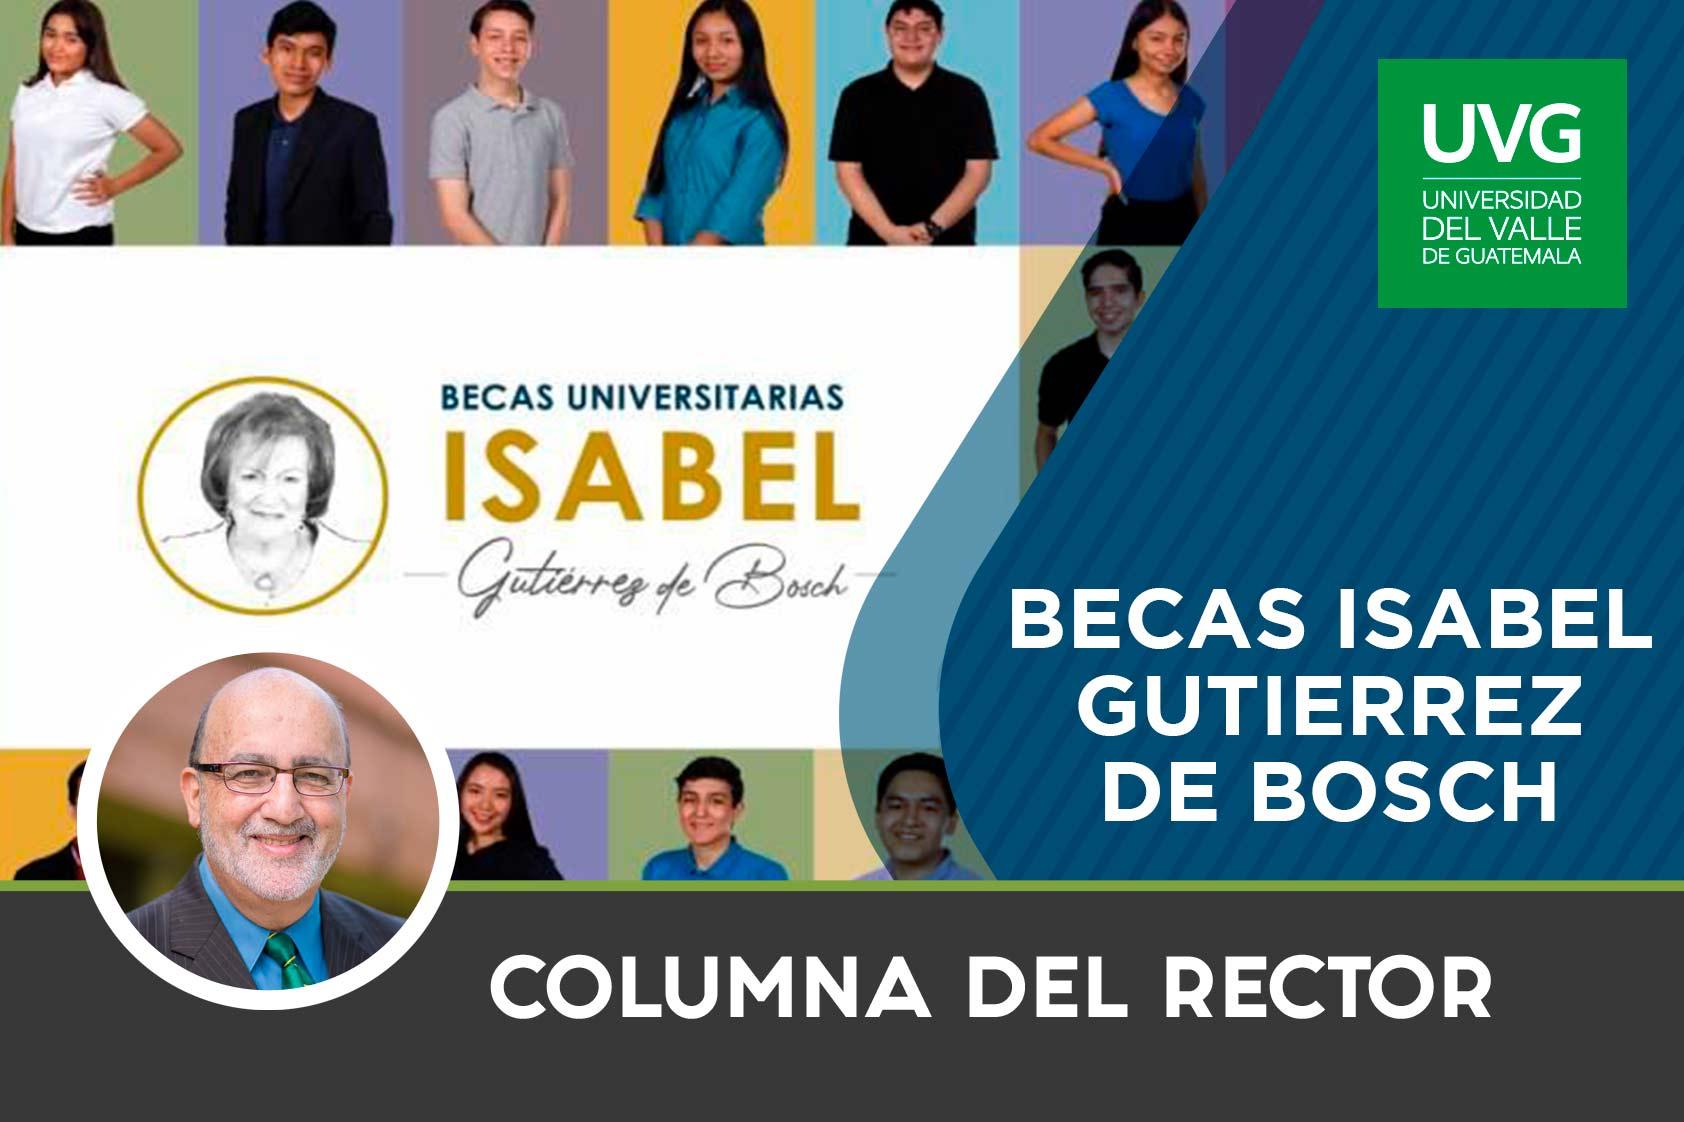 Becas Isabel Gutierrez de Bosch